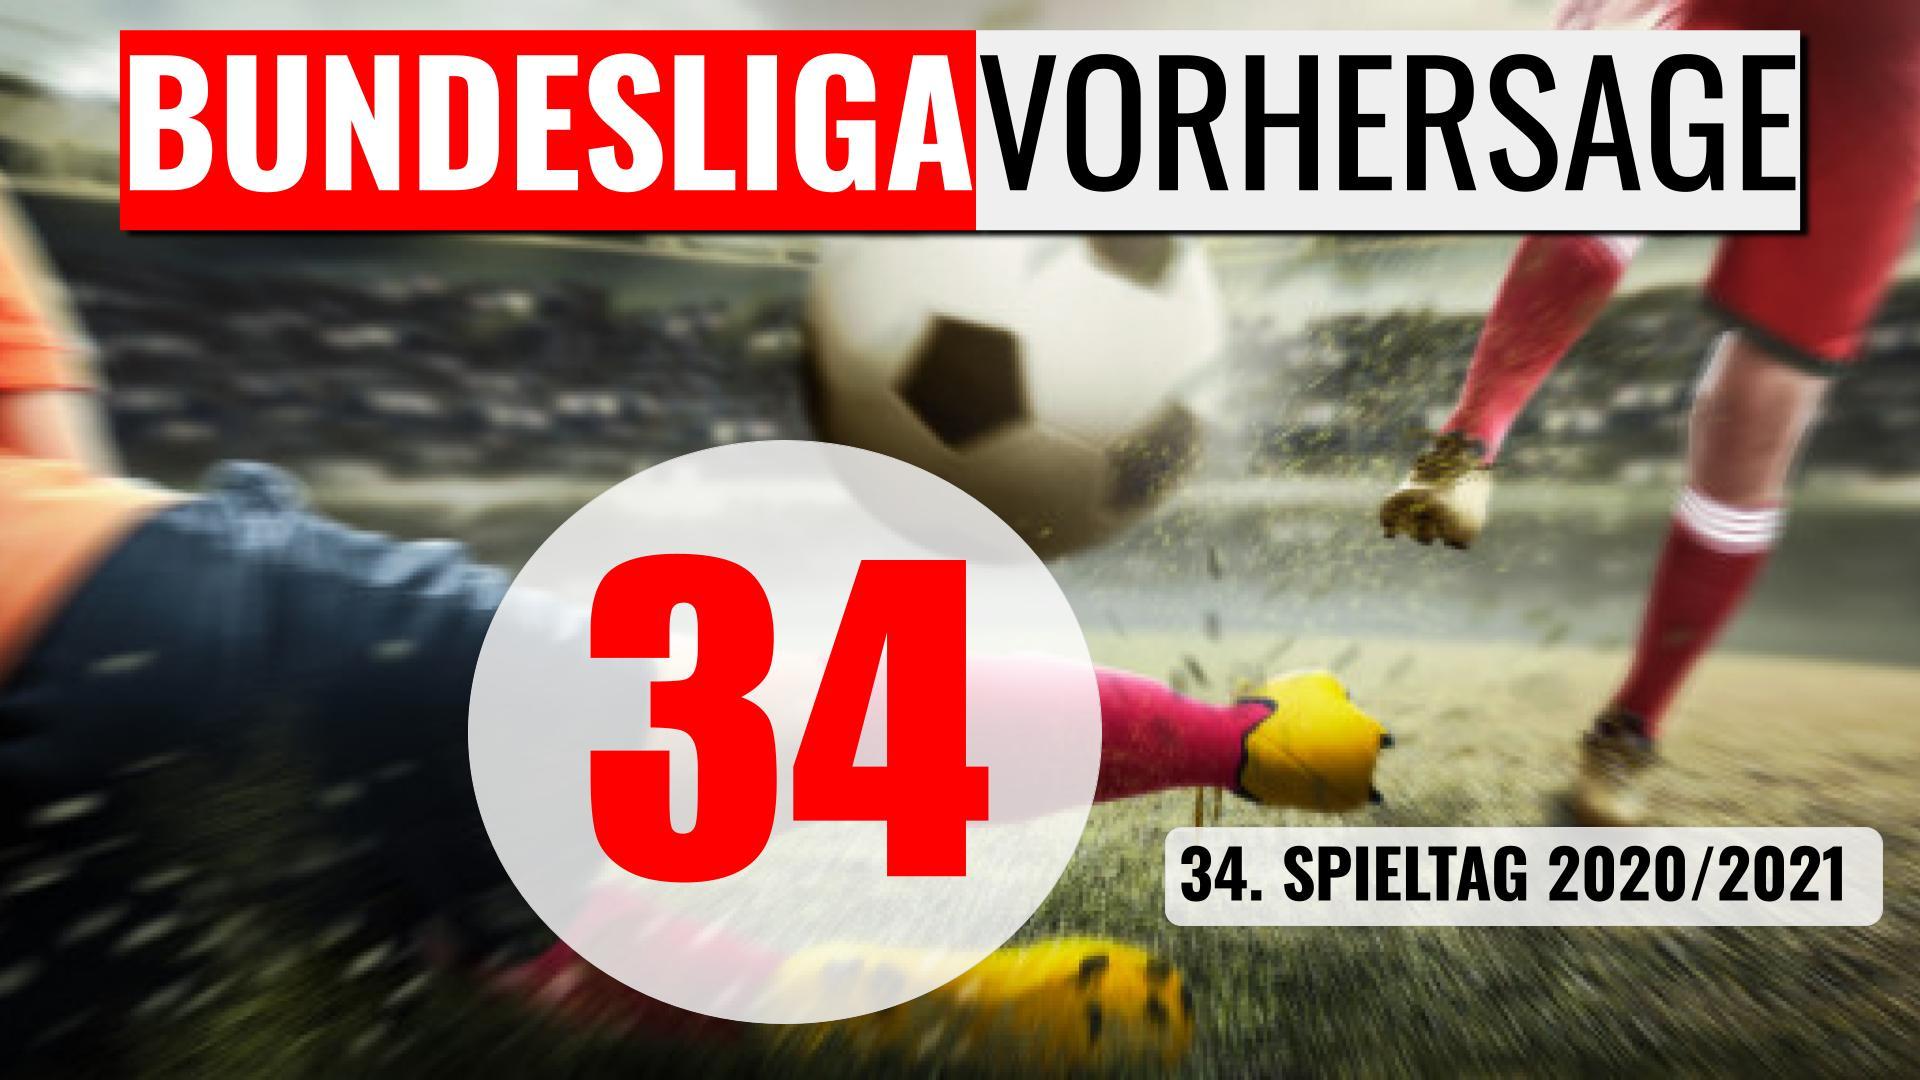 Fußball-Bundesliga Vorhersage & Wett-Tipps zum 34. Spieltag 2020/2021